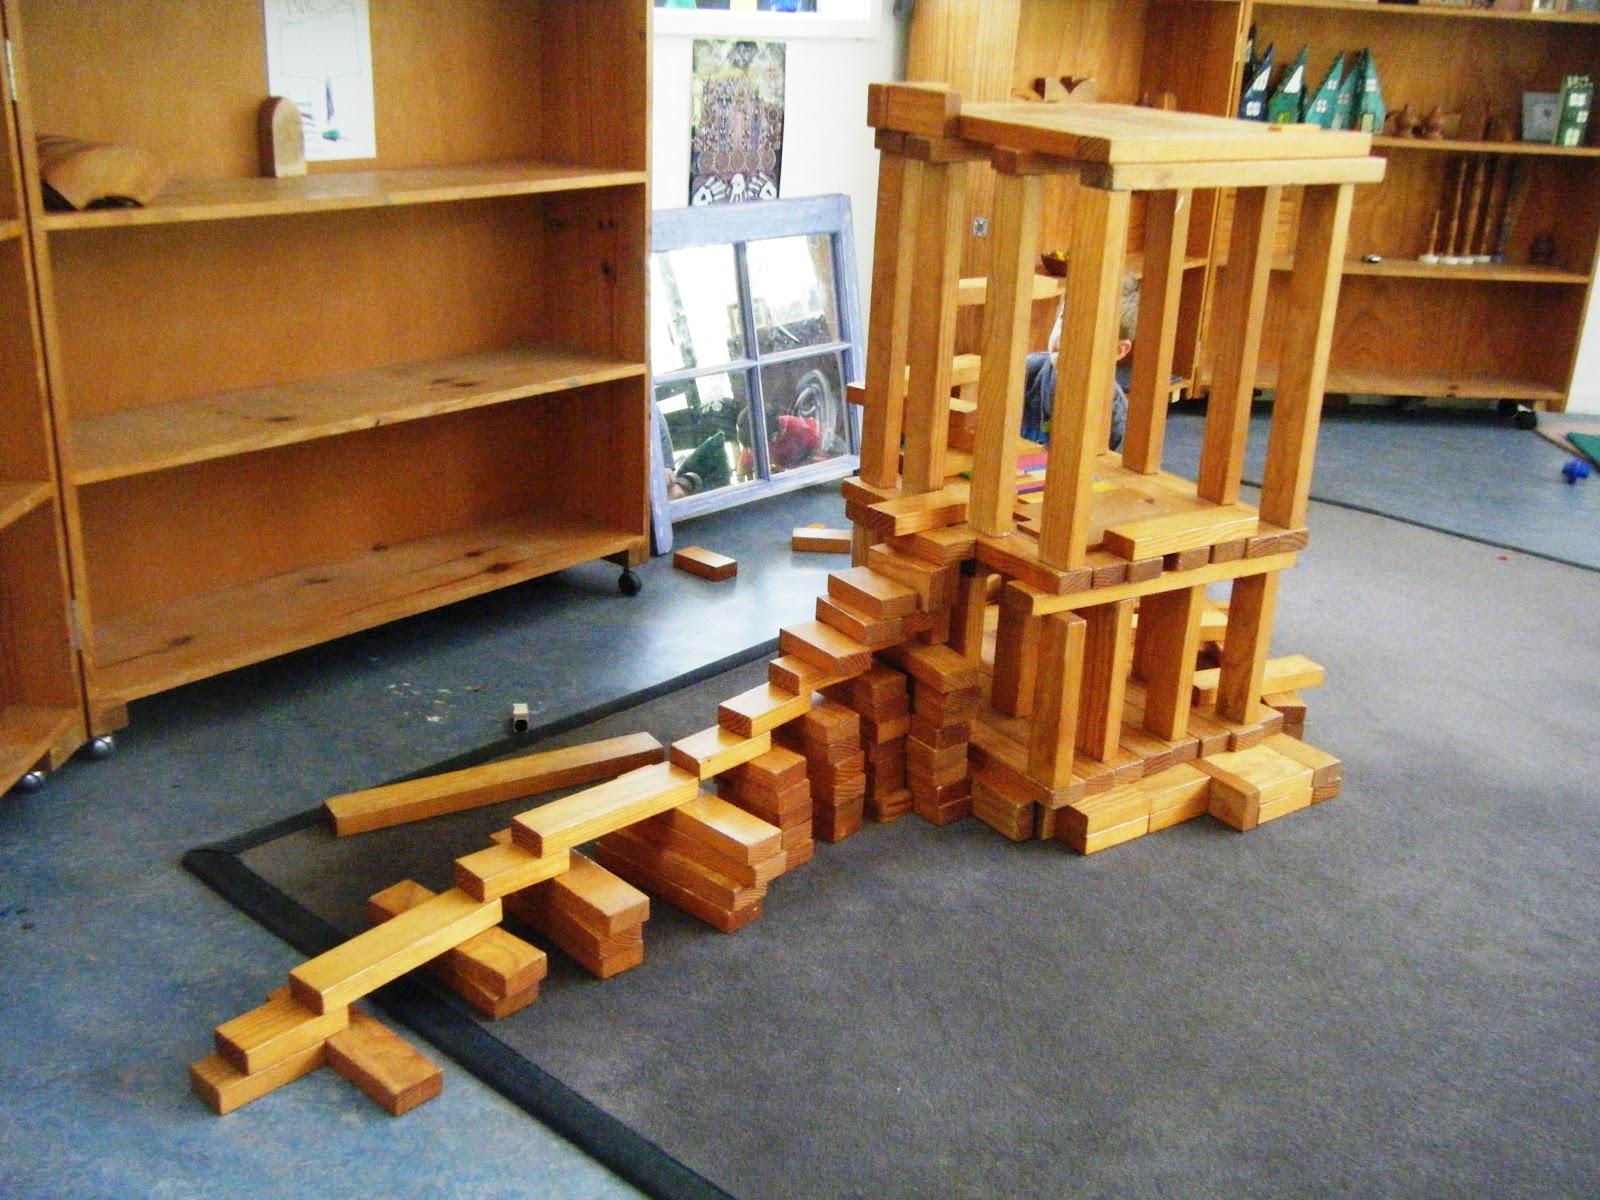 Let the children play preschool engineers